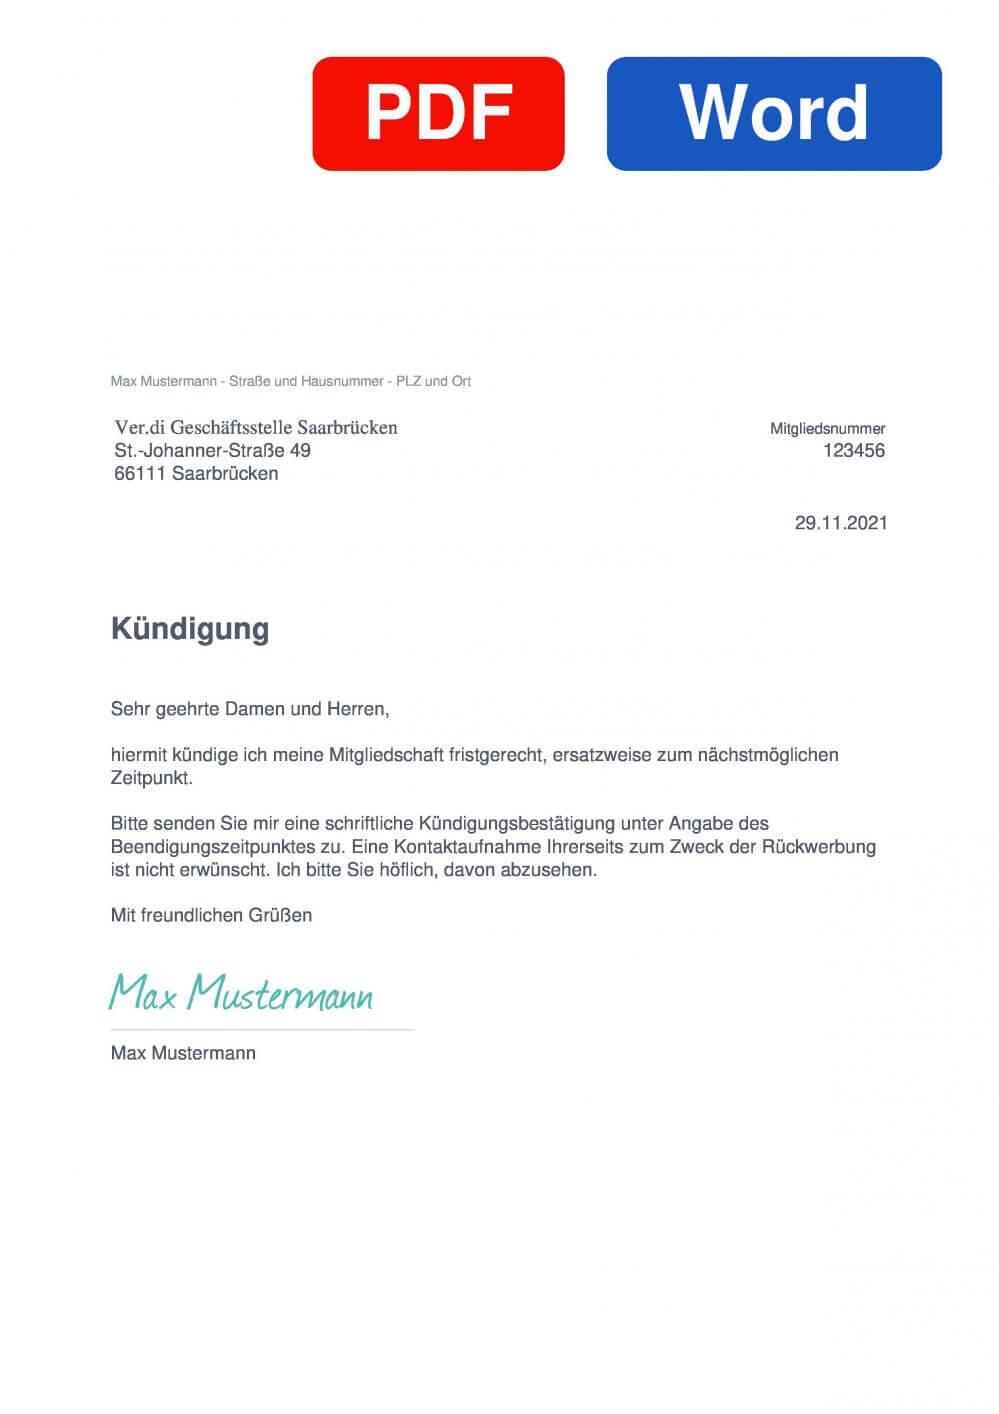 Verdi Saarbrücken Muster Vorlage für Kündigungsschreiben